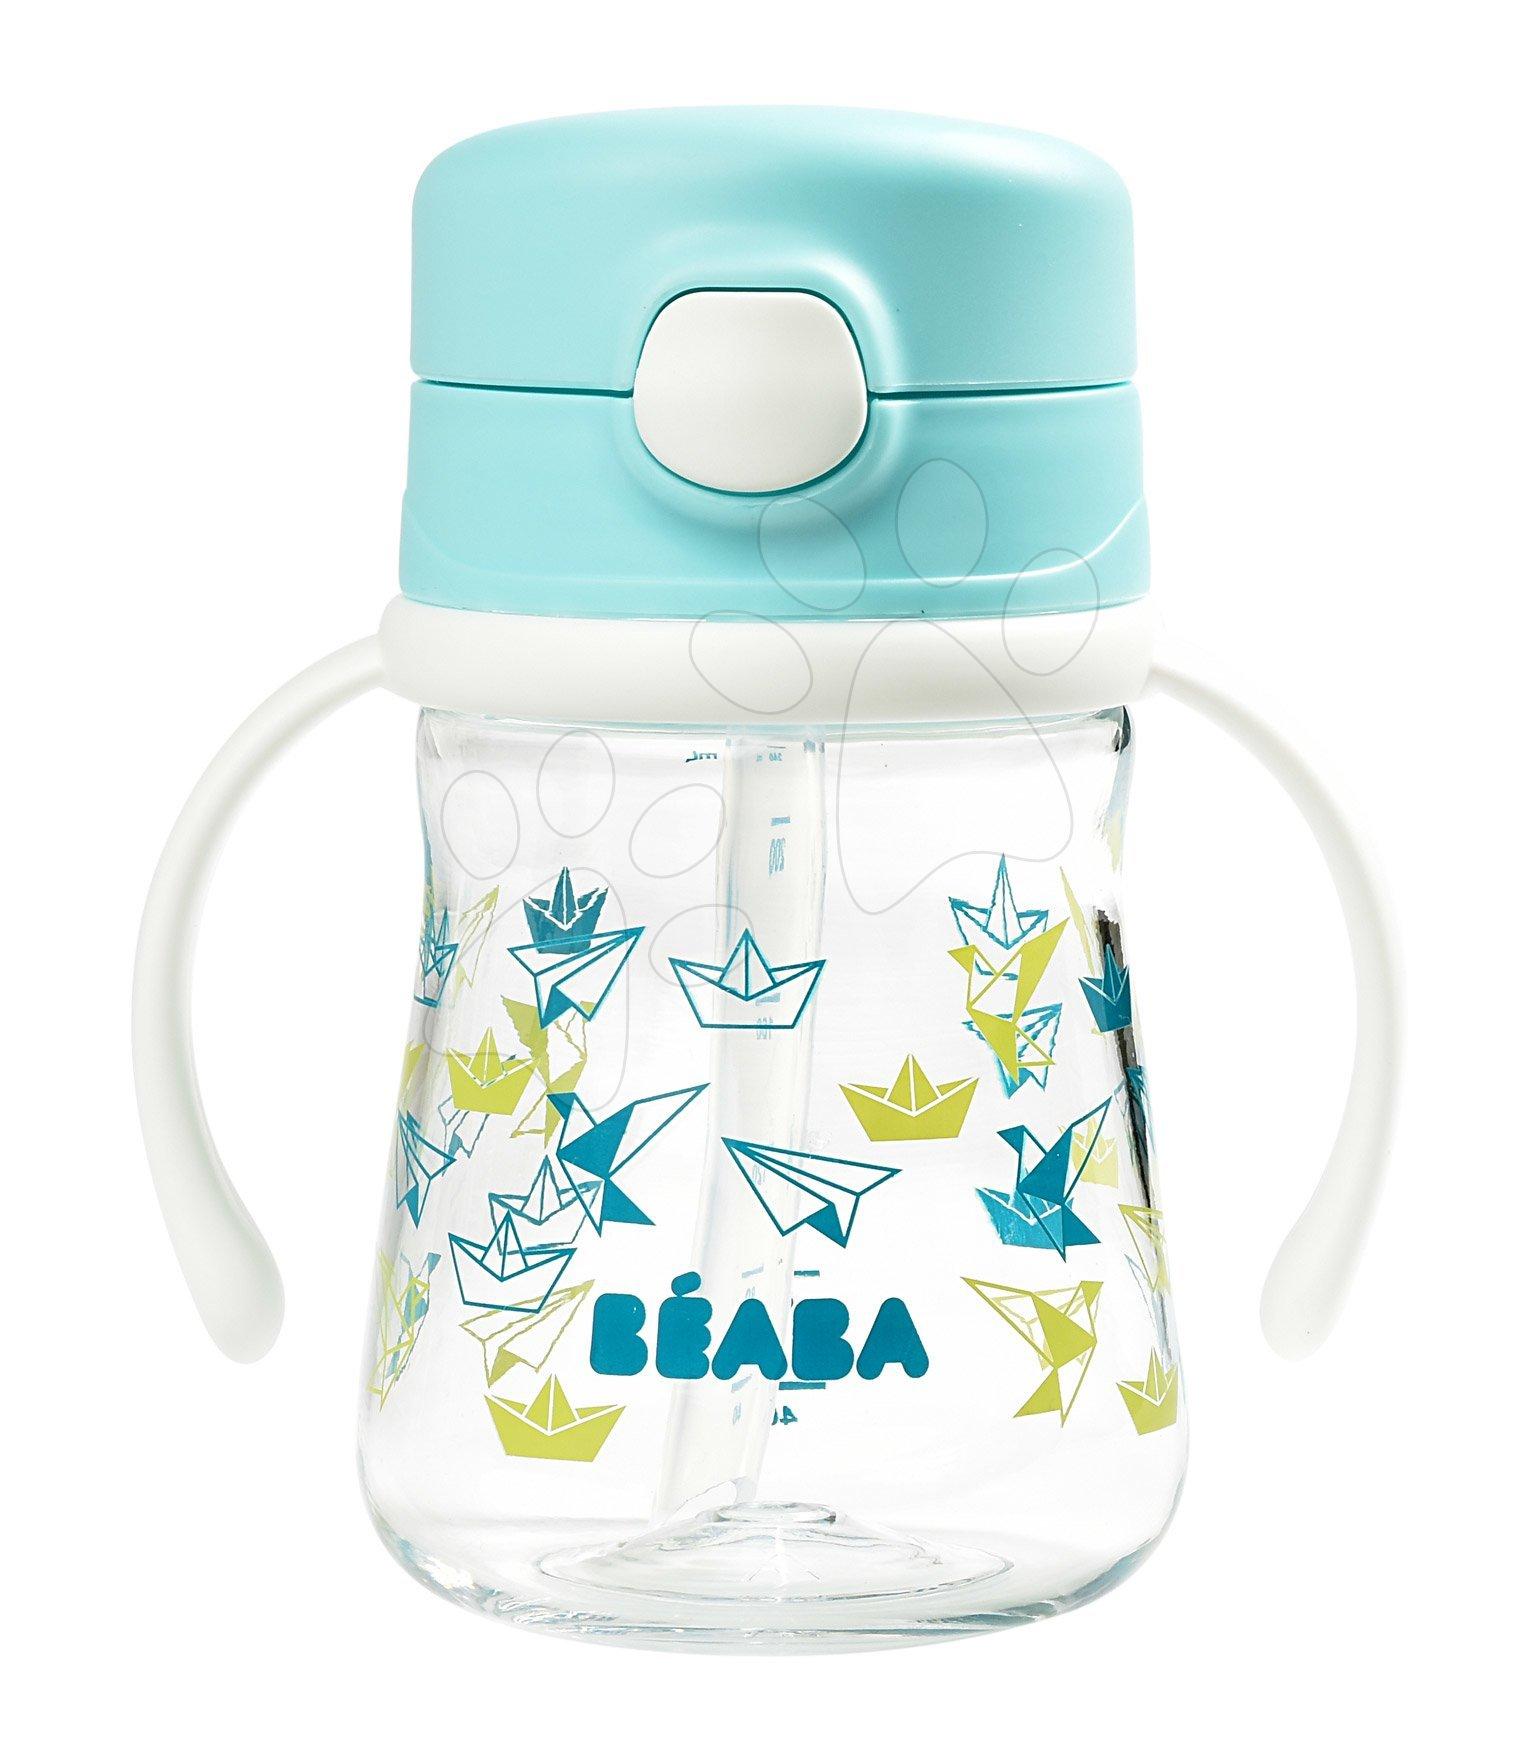 Láhev Bidon z tvrdého plastu Straw Cup Beaba 240 ml s brčkem na pití světlemodrá od 8 měsíců